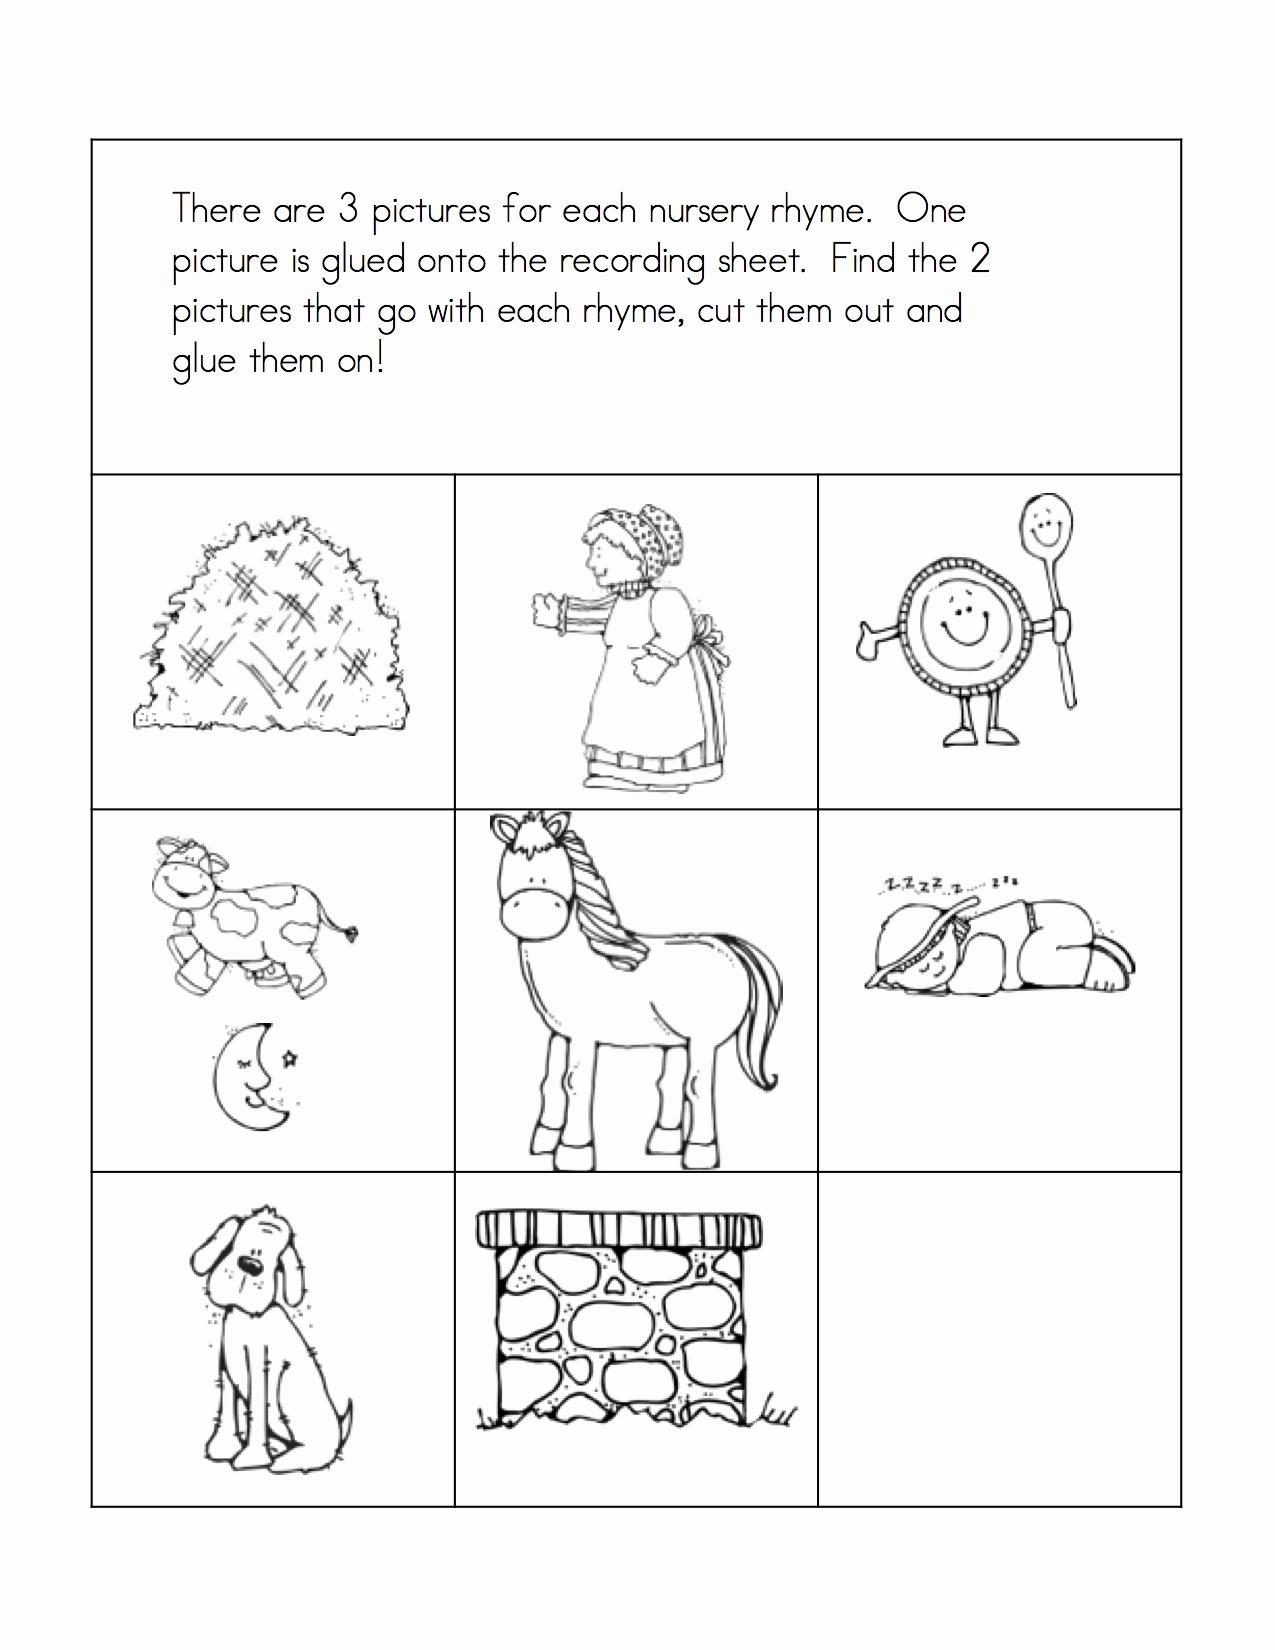 Rhyming Worksheets for Preschool Beautiful Preschool Rhyming Worksheets